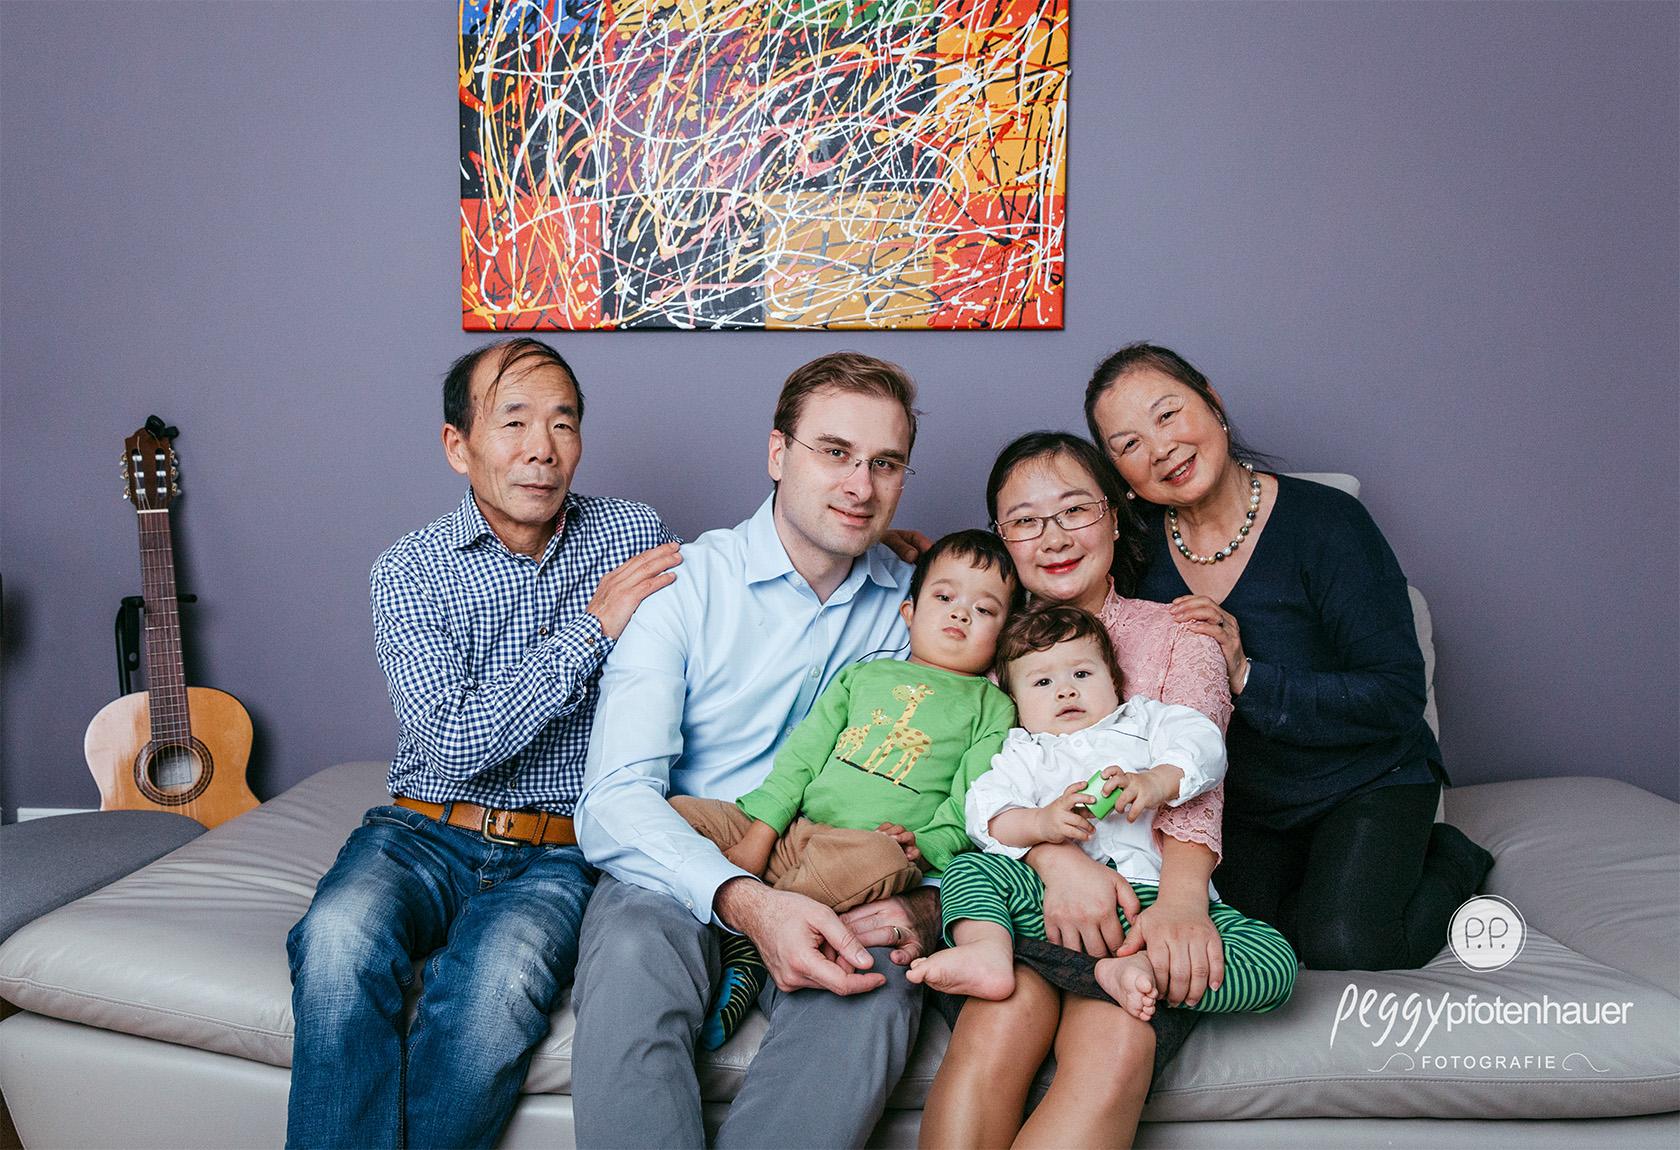 Familienfotos im eigenen Haus